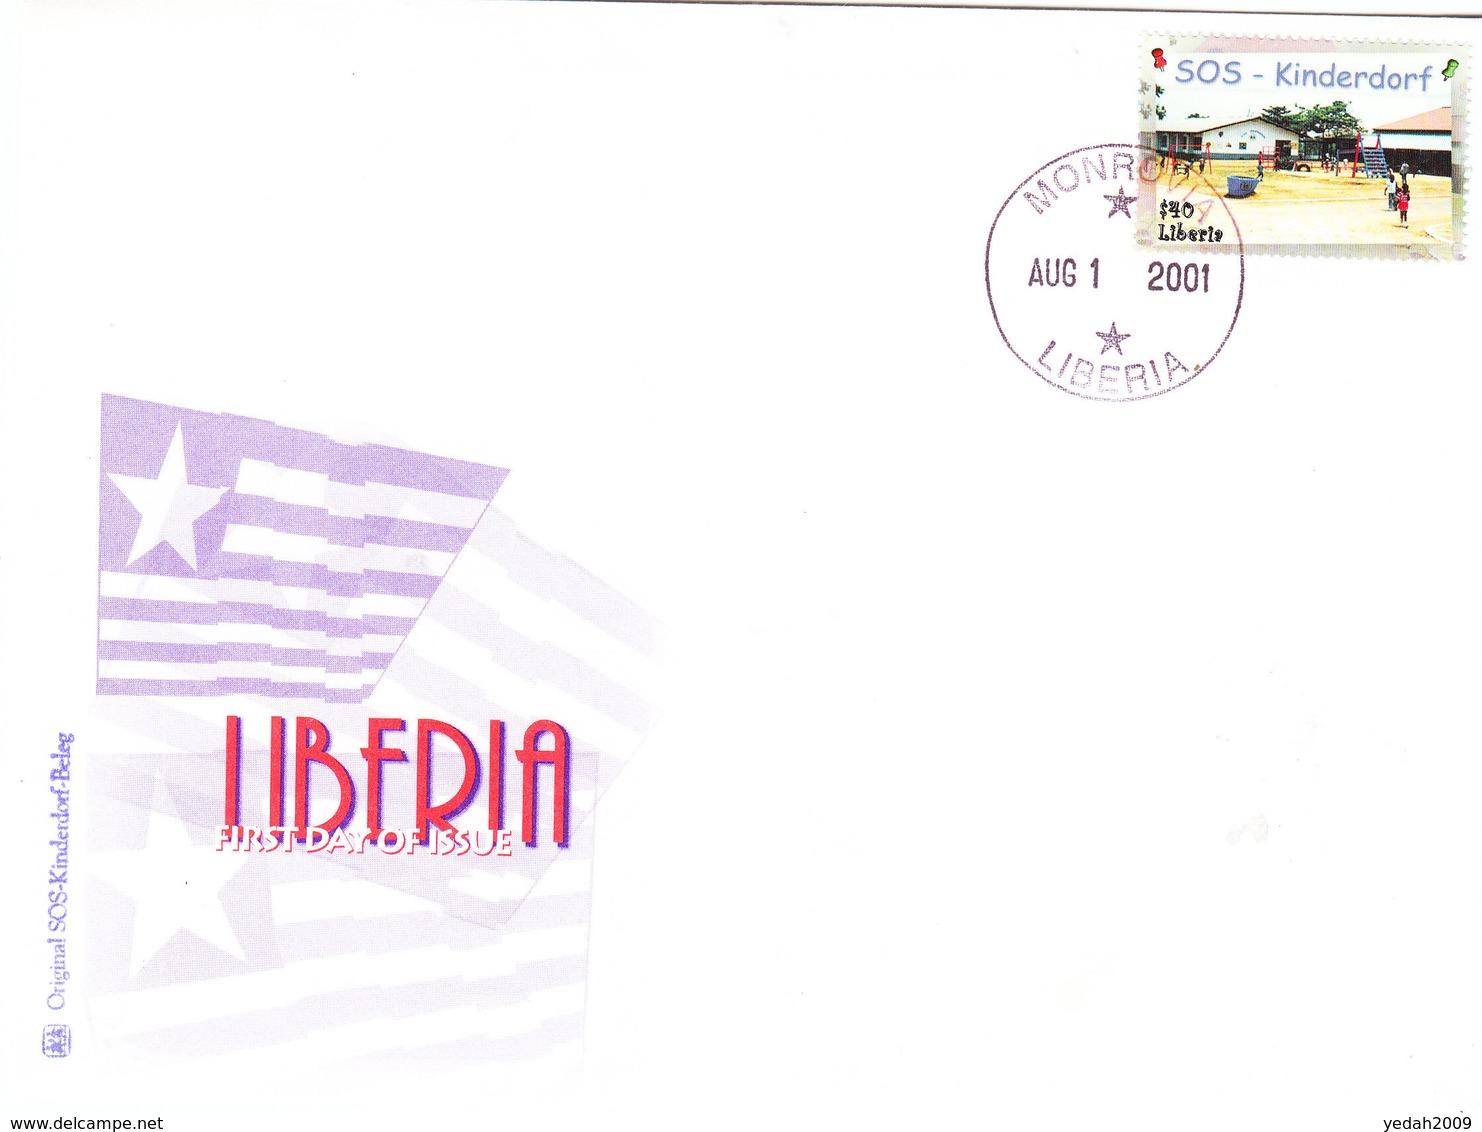 LIBERIA COVER 2001 - Liberia